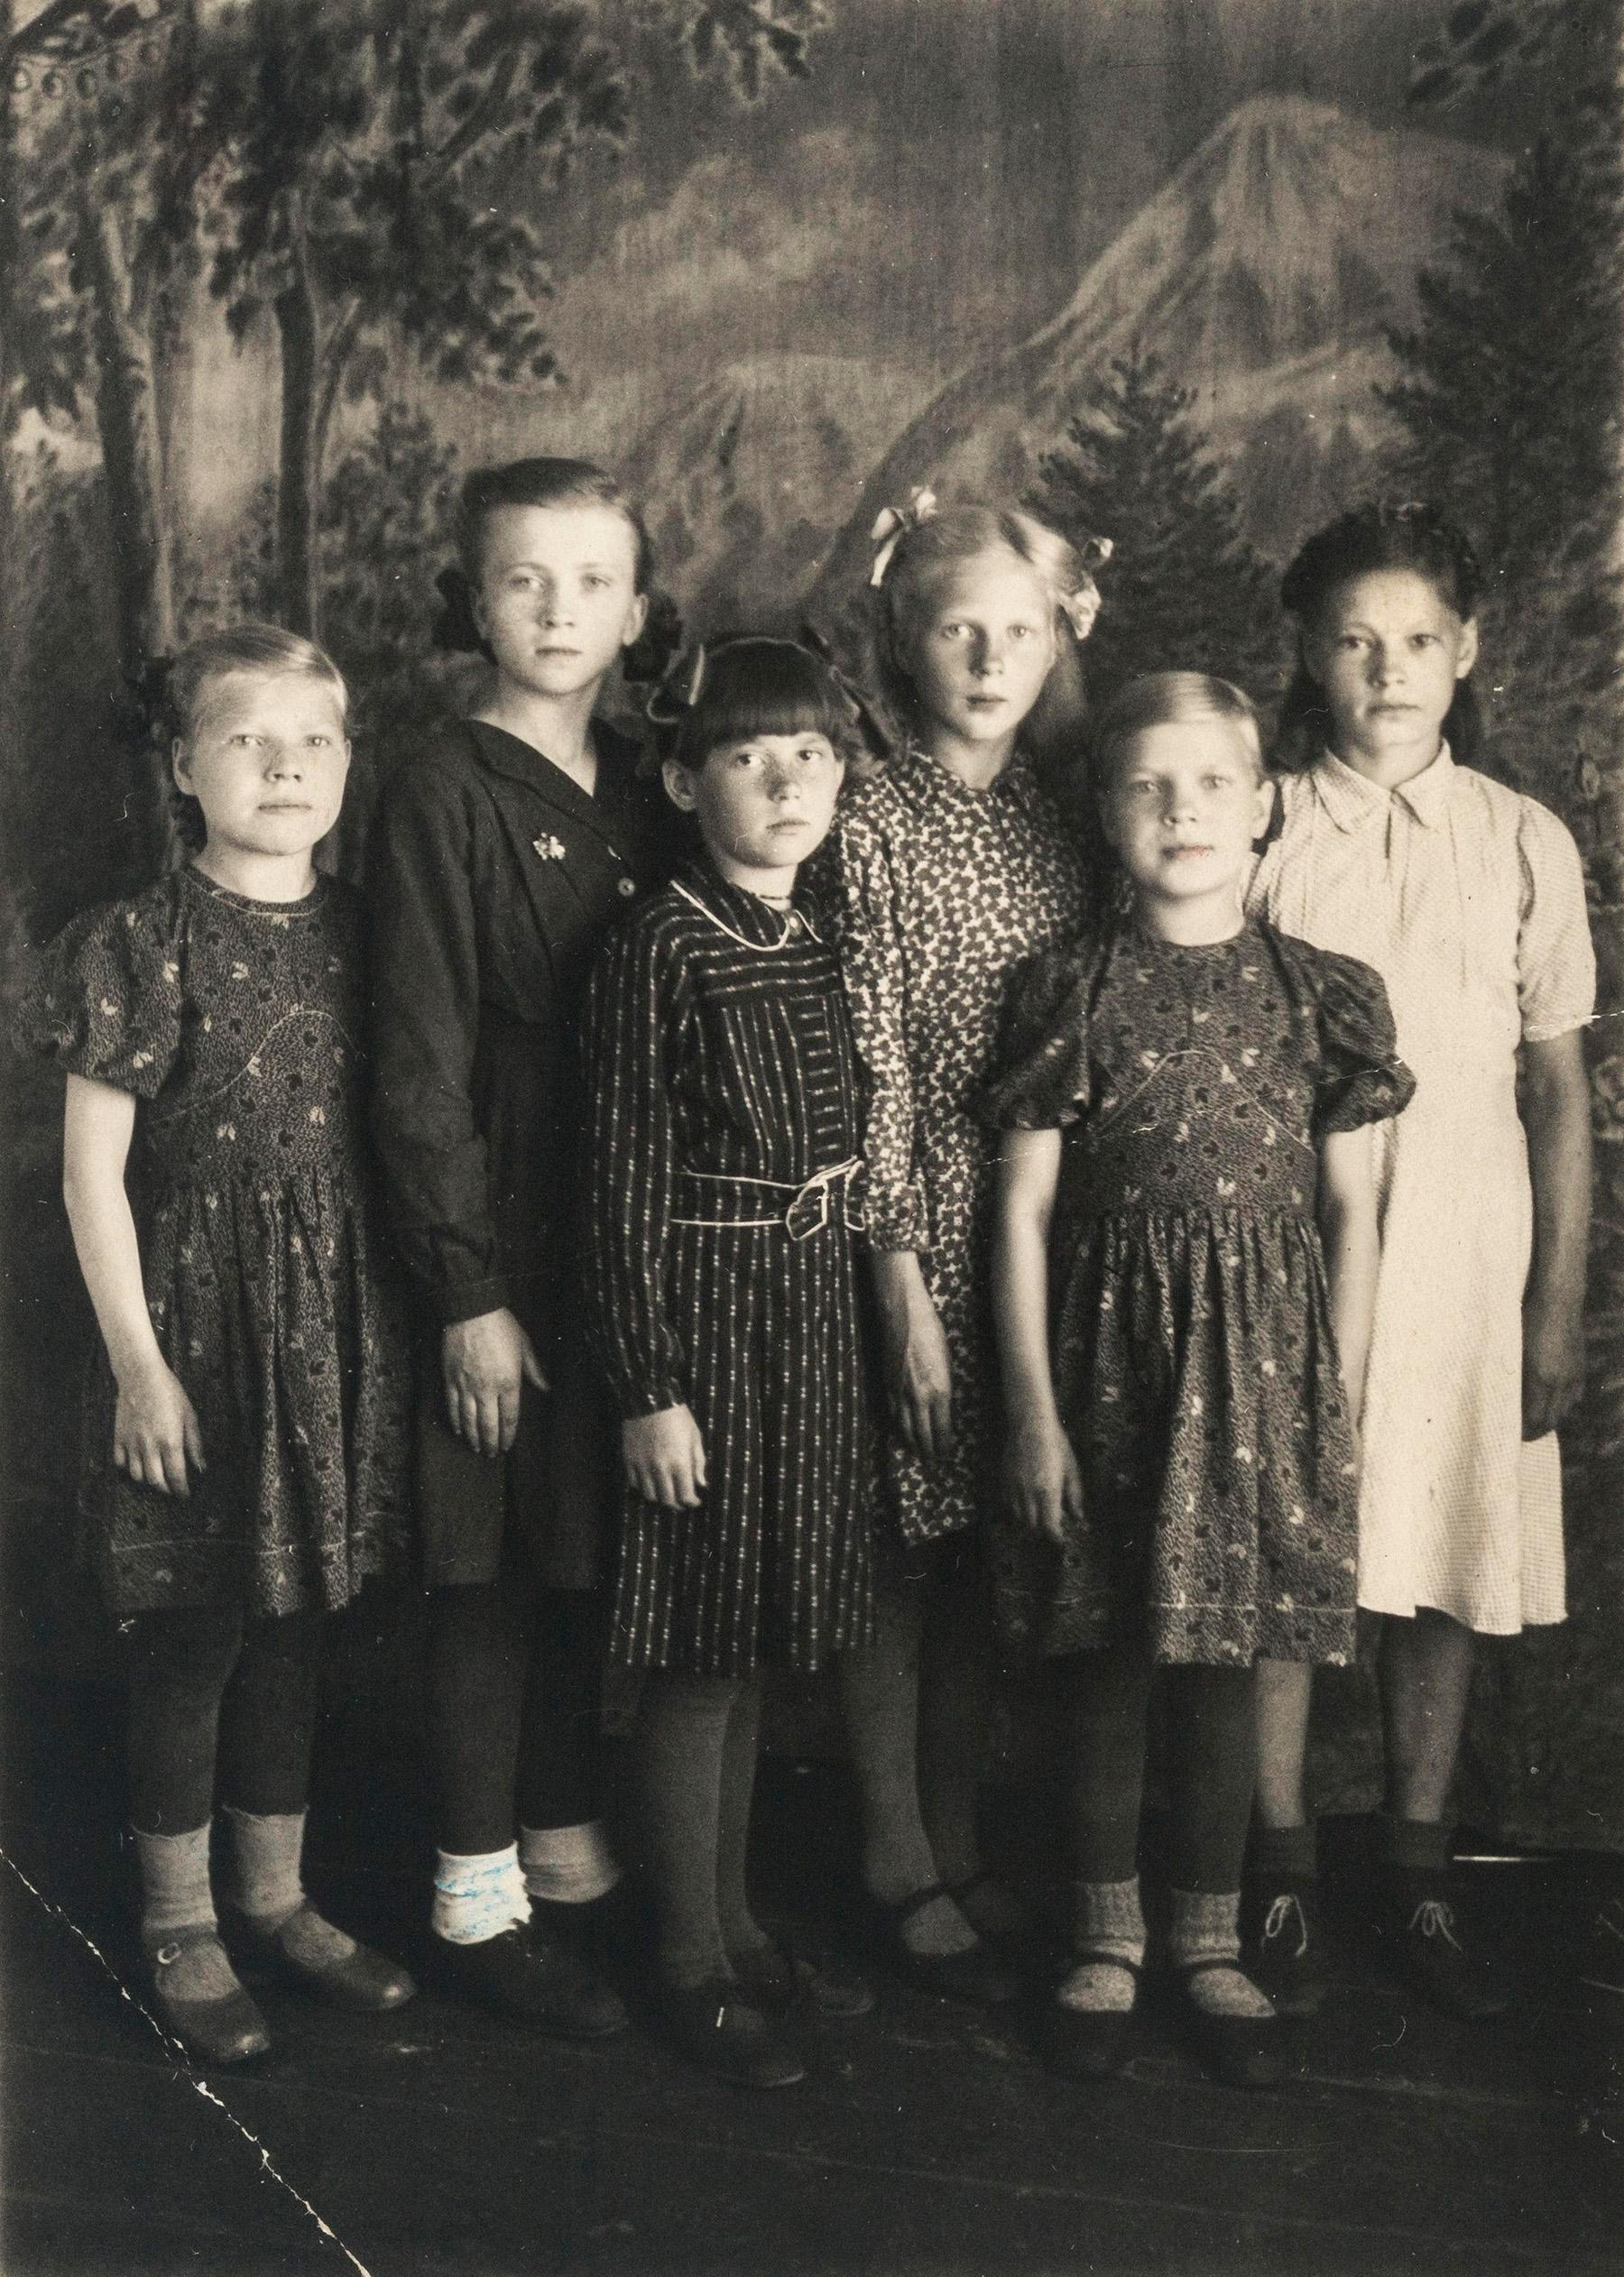 11-vuotias Helmi Vatka (kolmas vasemmalta) kuvattu ystäviensä kanssa Dudinkassa vuonna 1949. SKS KIA, Vatka-perheen arkisto. CC BY 4.0